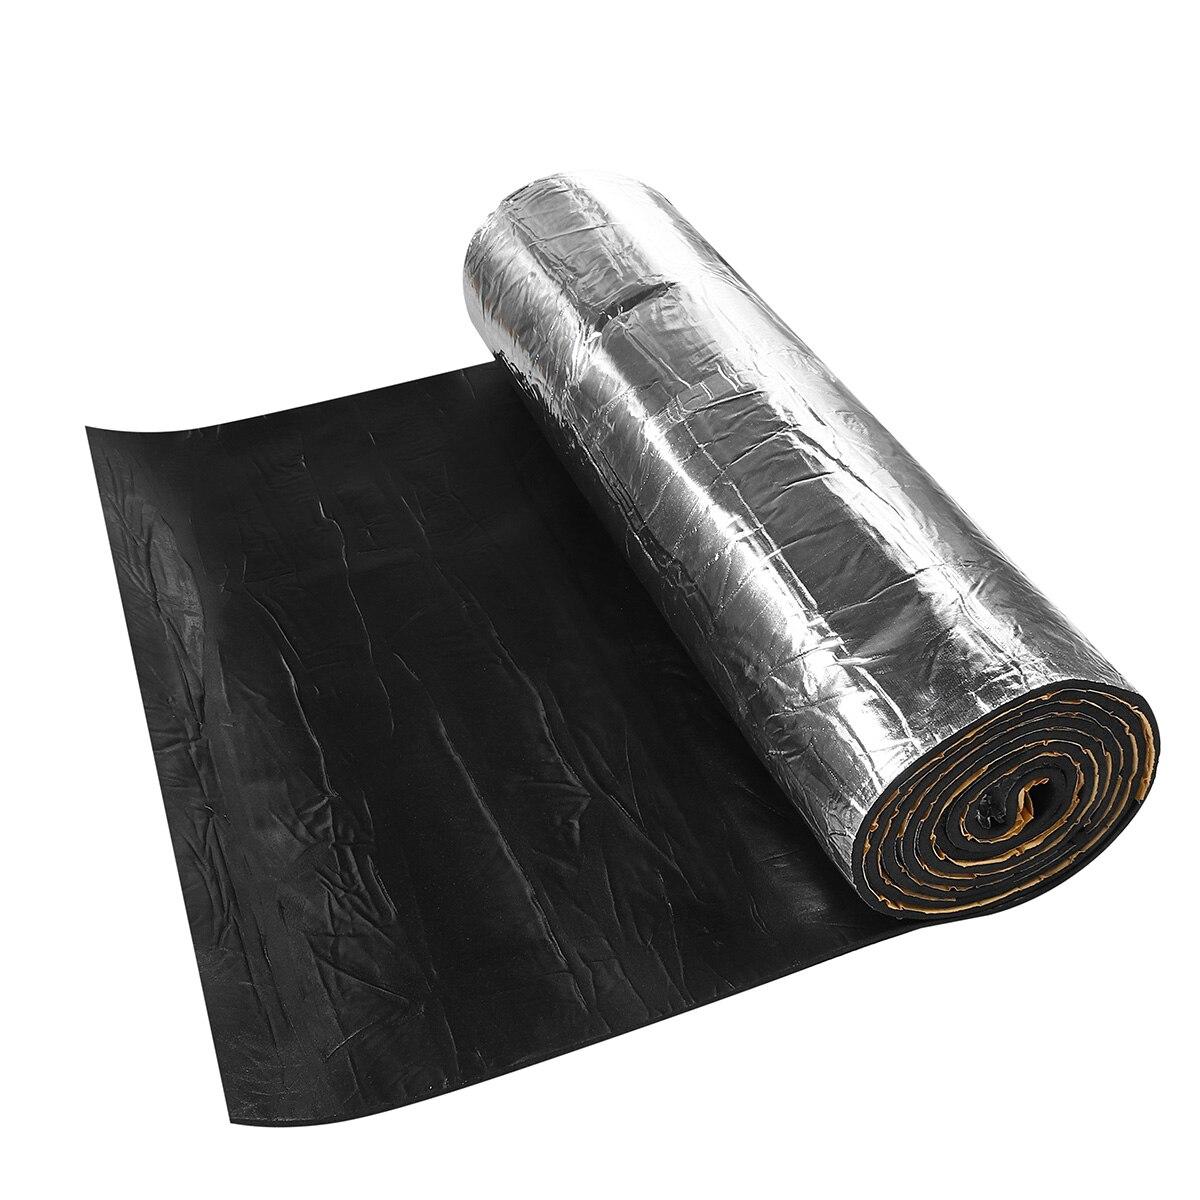 1x5m 10mm 1 rolo auto-adesivo carro auto som amortecimento algodão isolamento térmico almofada espuma material automóveis interior acessórios